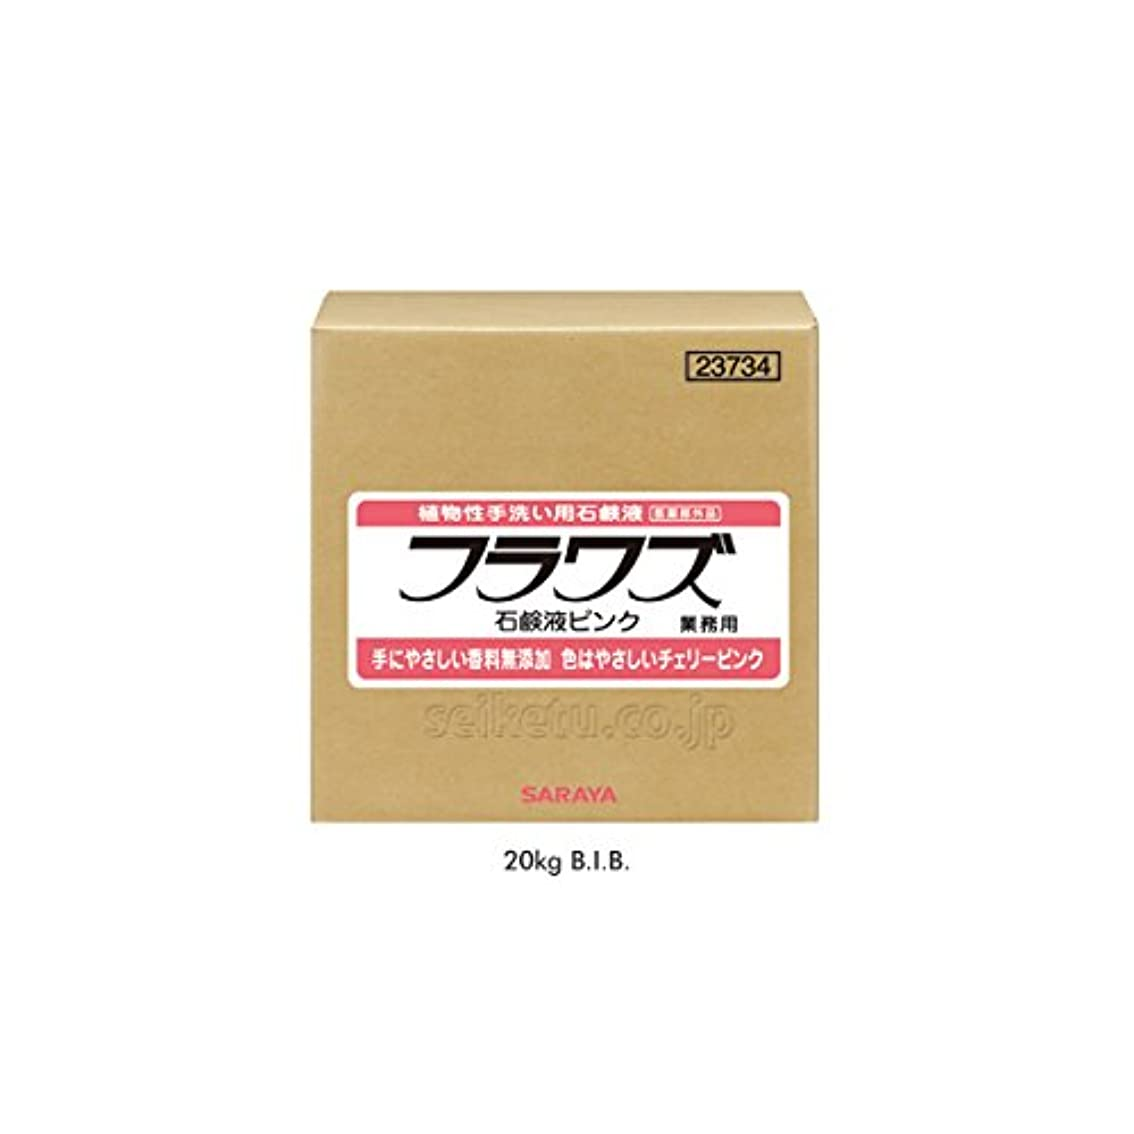 香港ノイズ使用法【清潔キレイ館】サラヤ フラワズ石鹸液ピンク(20kg)